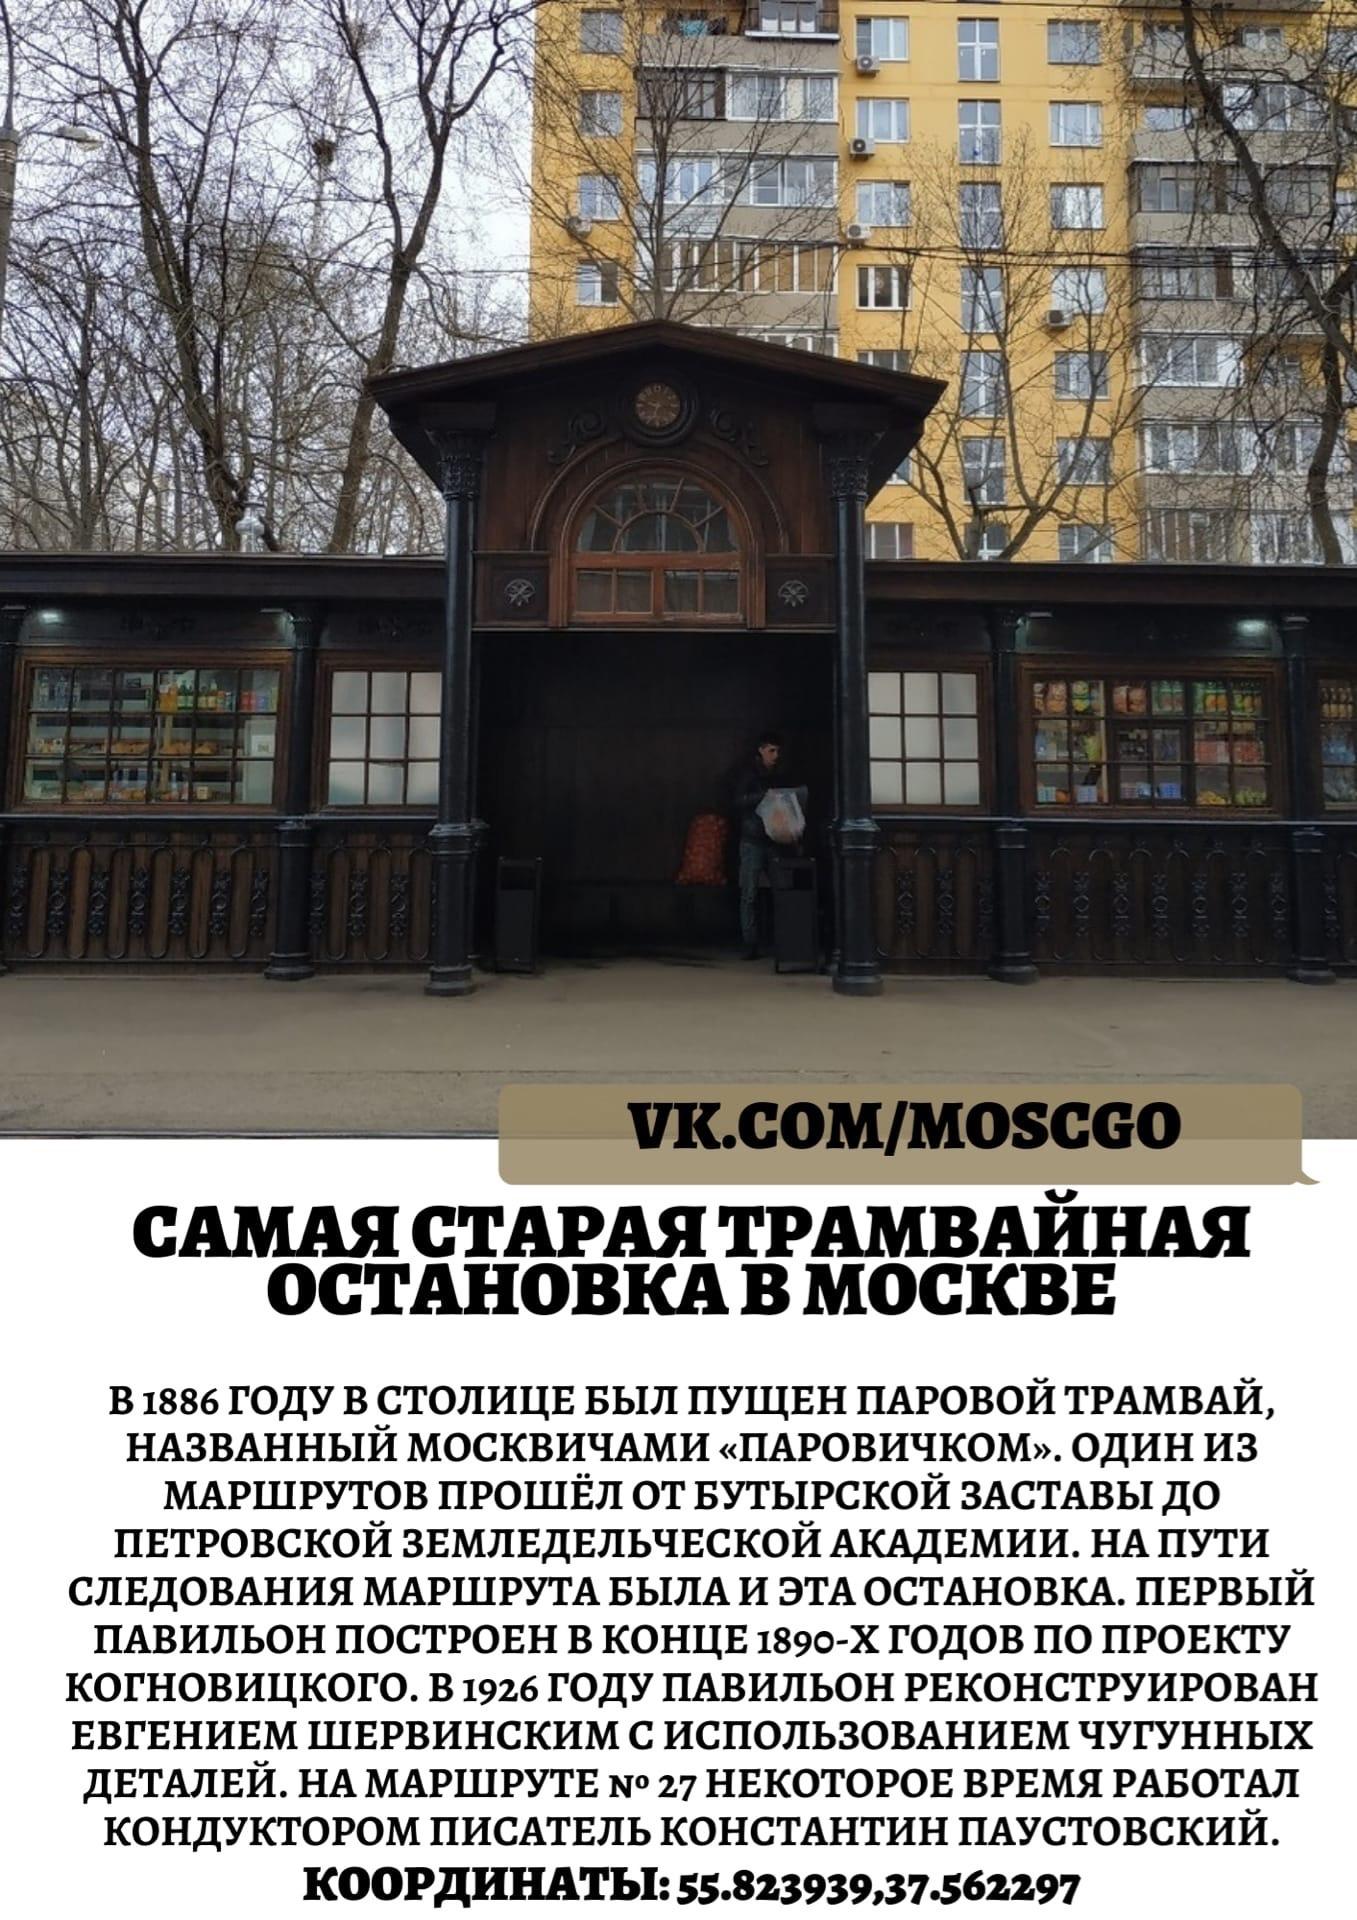 Пост Москвича номер #257923